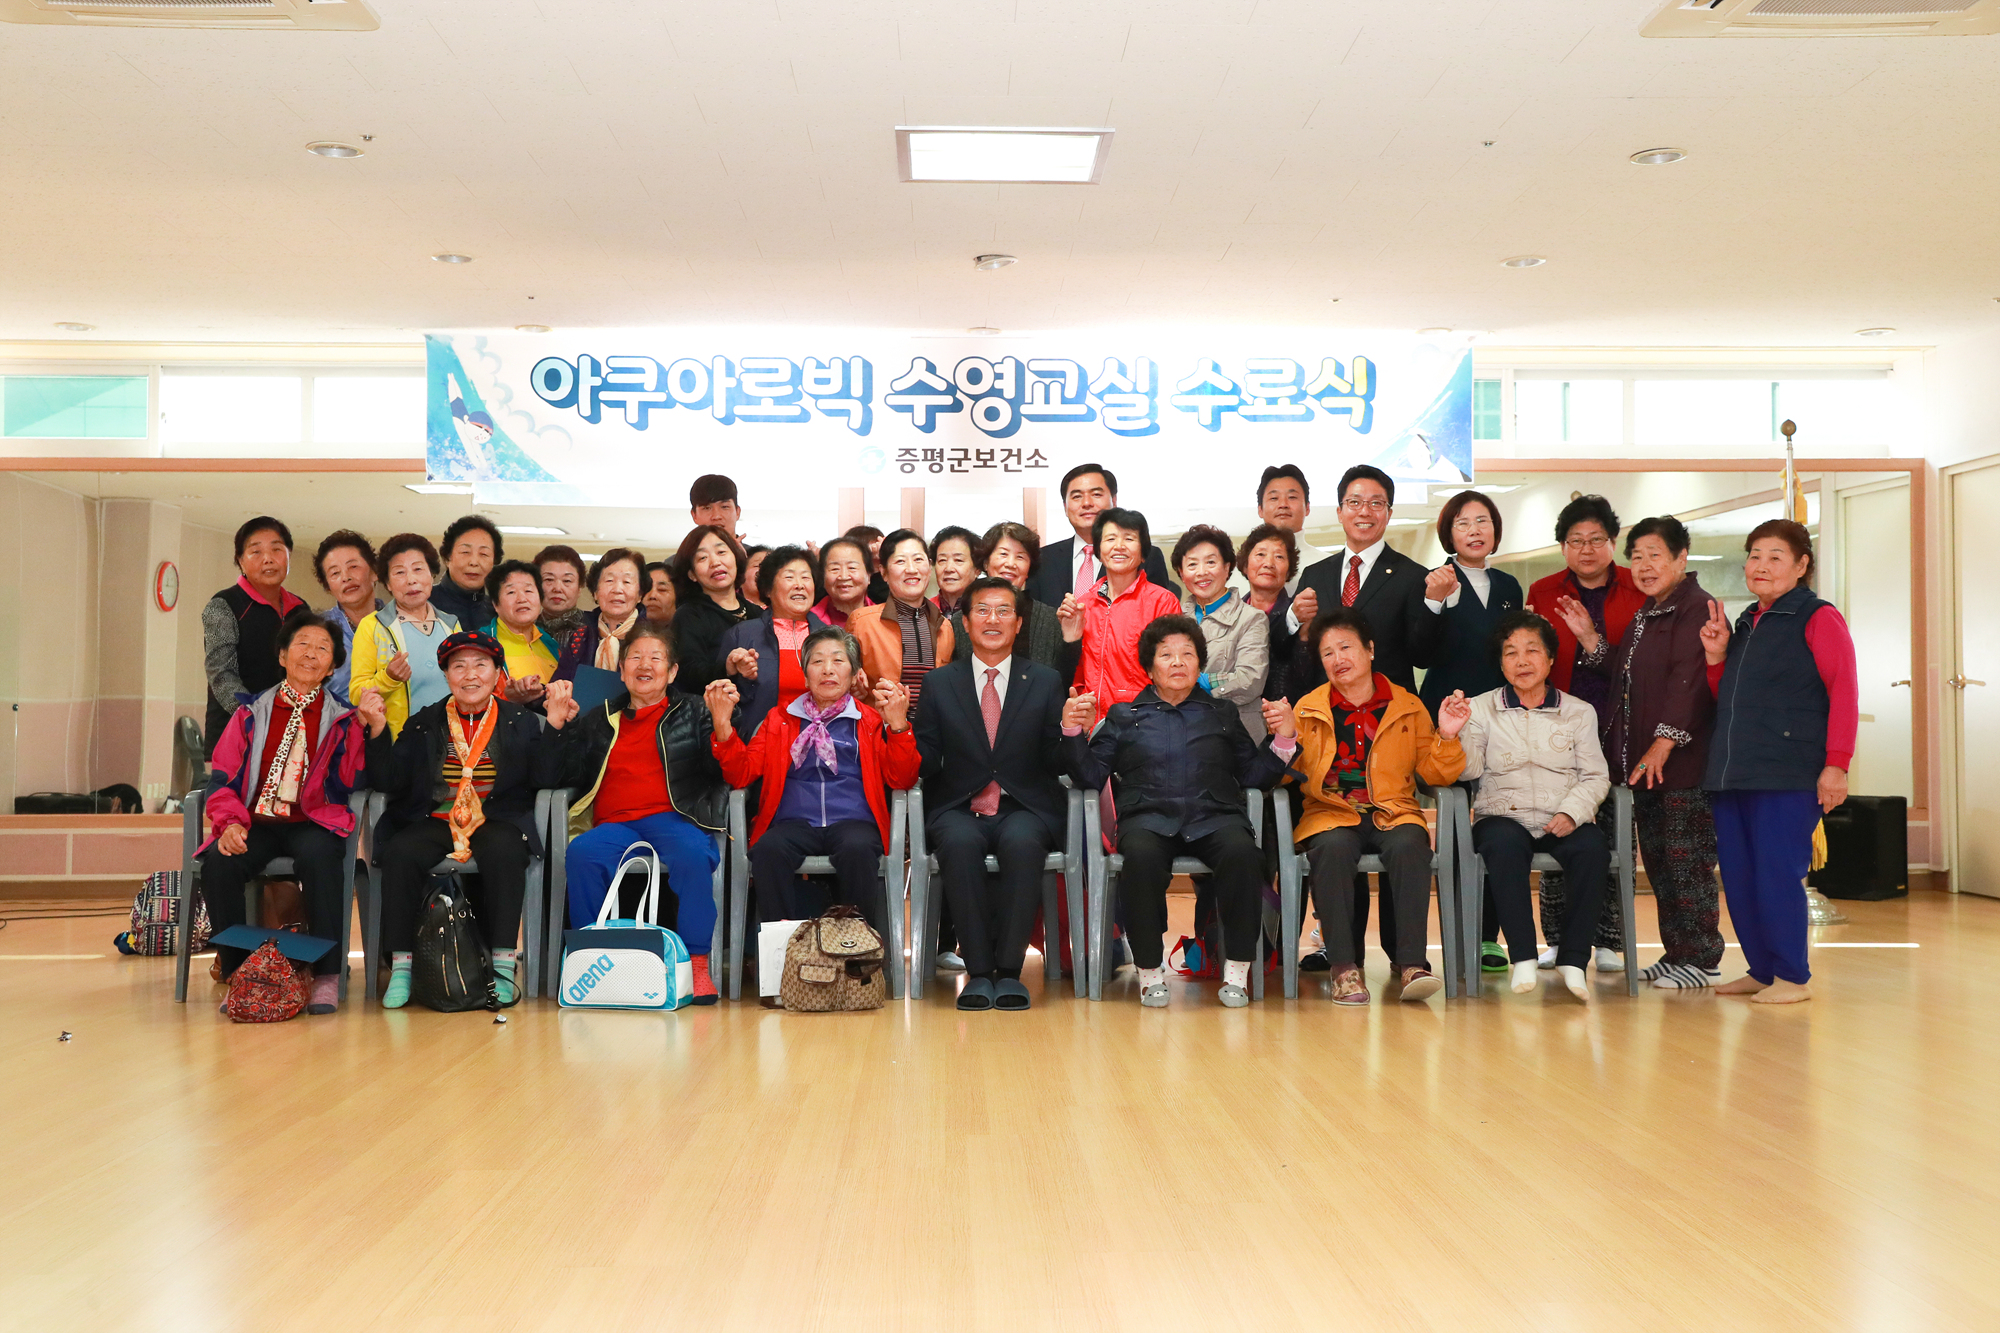 증평군, 2017년 하반기 아쿠아로빅 수료식 개최 [이미지]